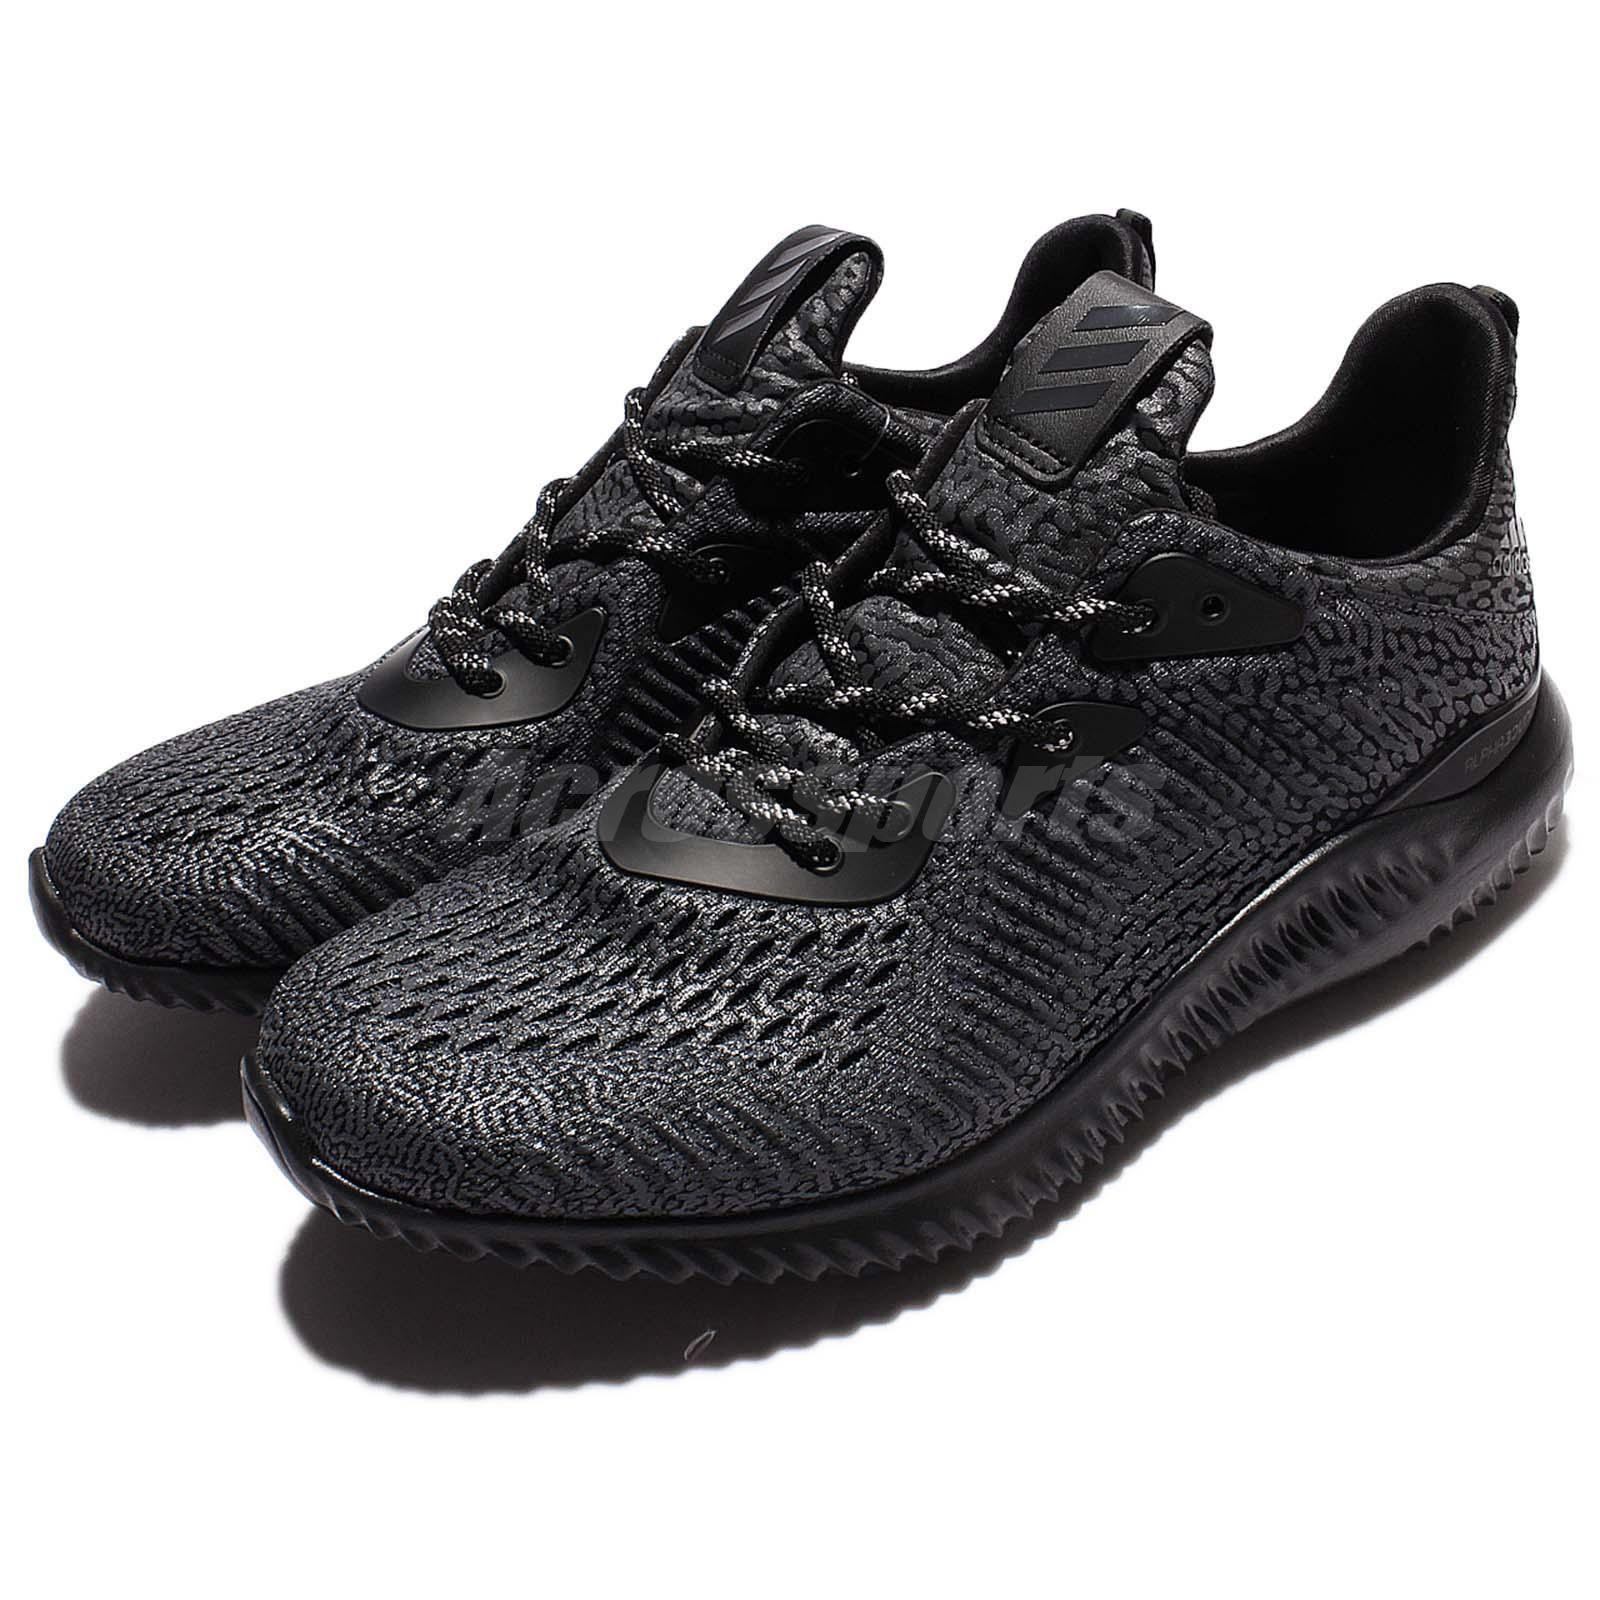 adidas alphabounce ams m aramis nero degli uomini in grigio le scarpe da corsa